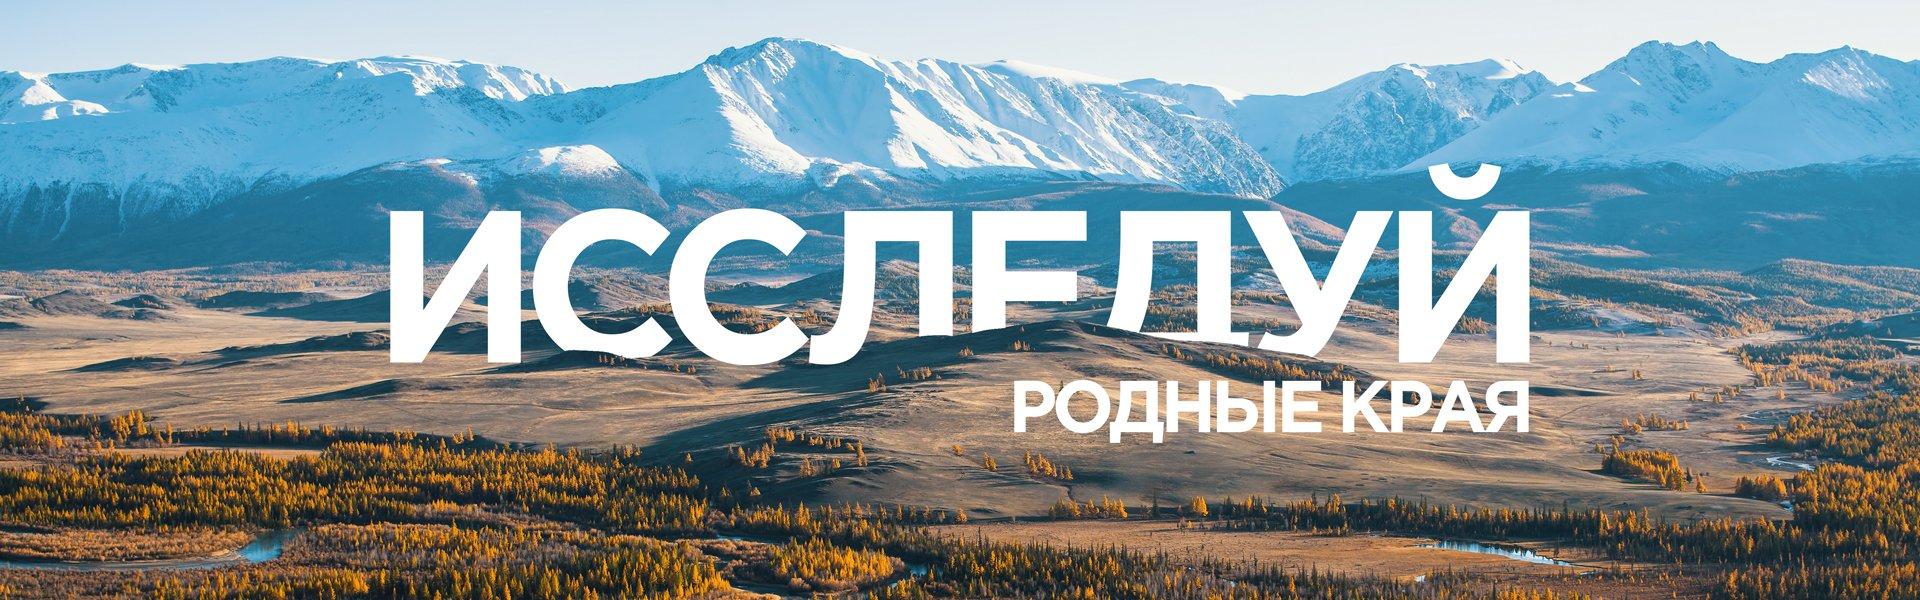 Автобусные туры по России из Ростова-на-Дону 2021